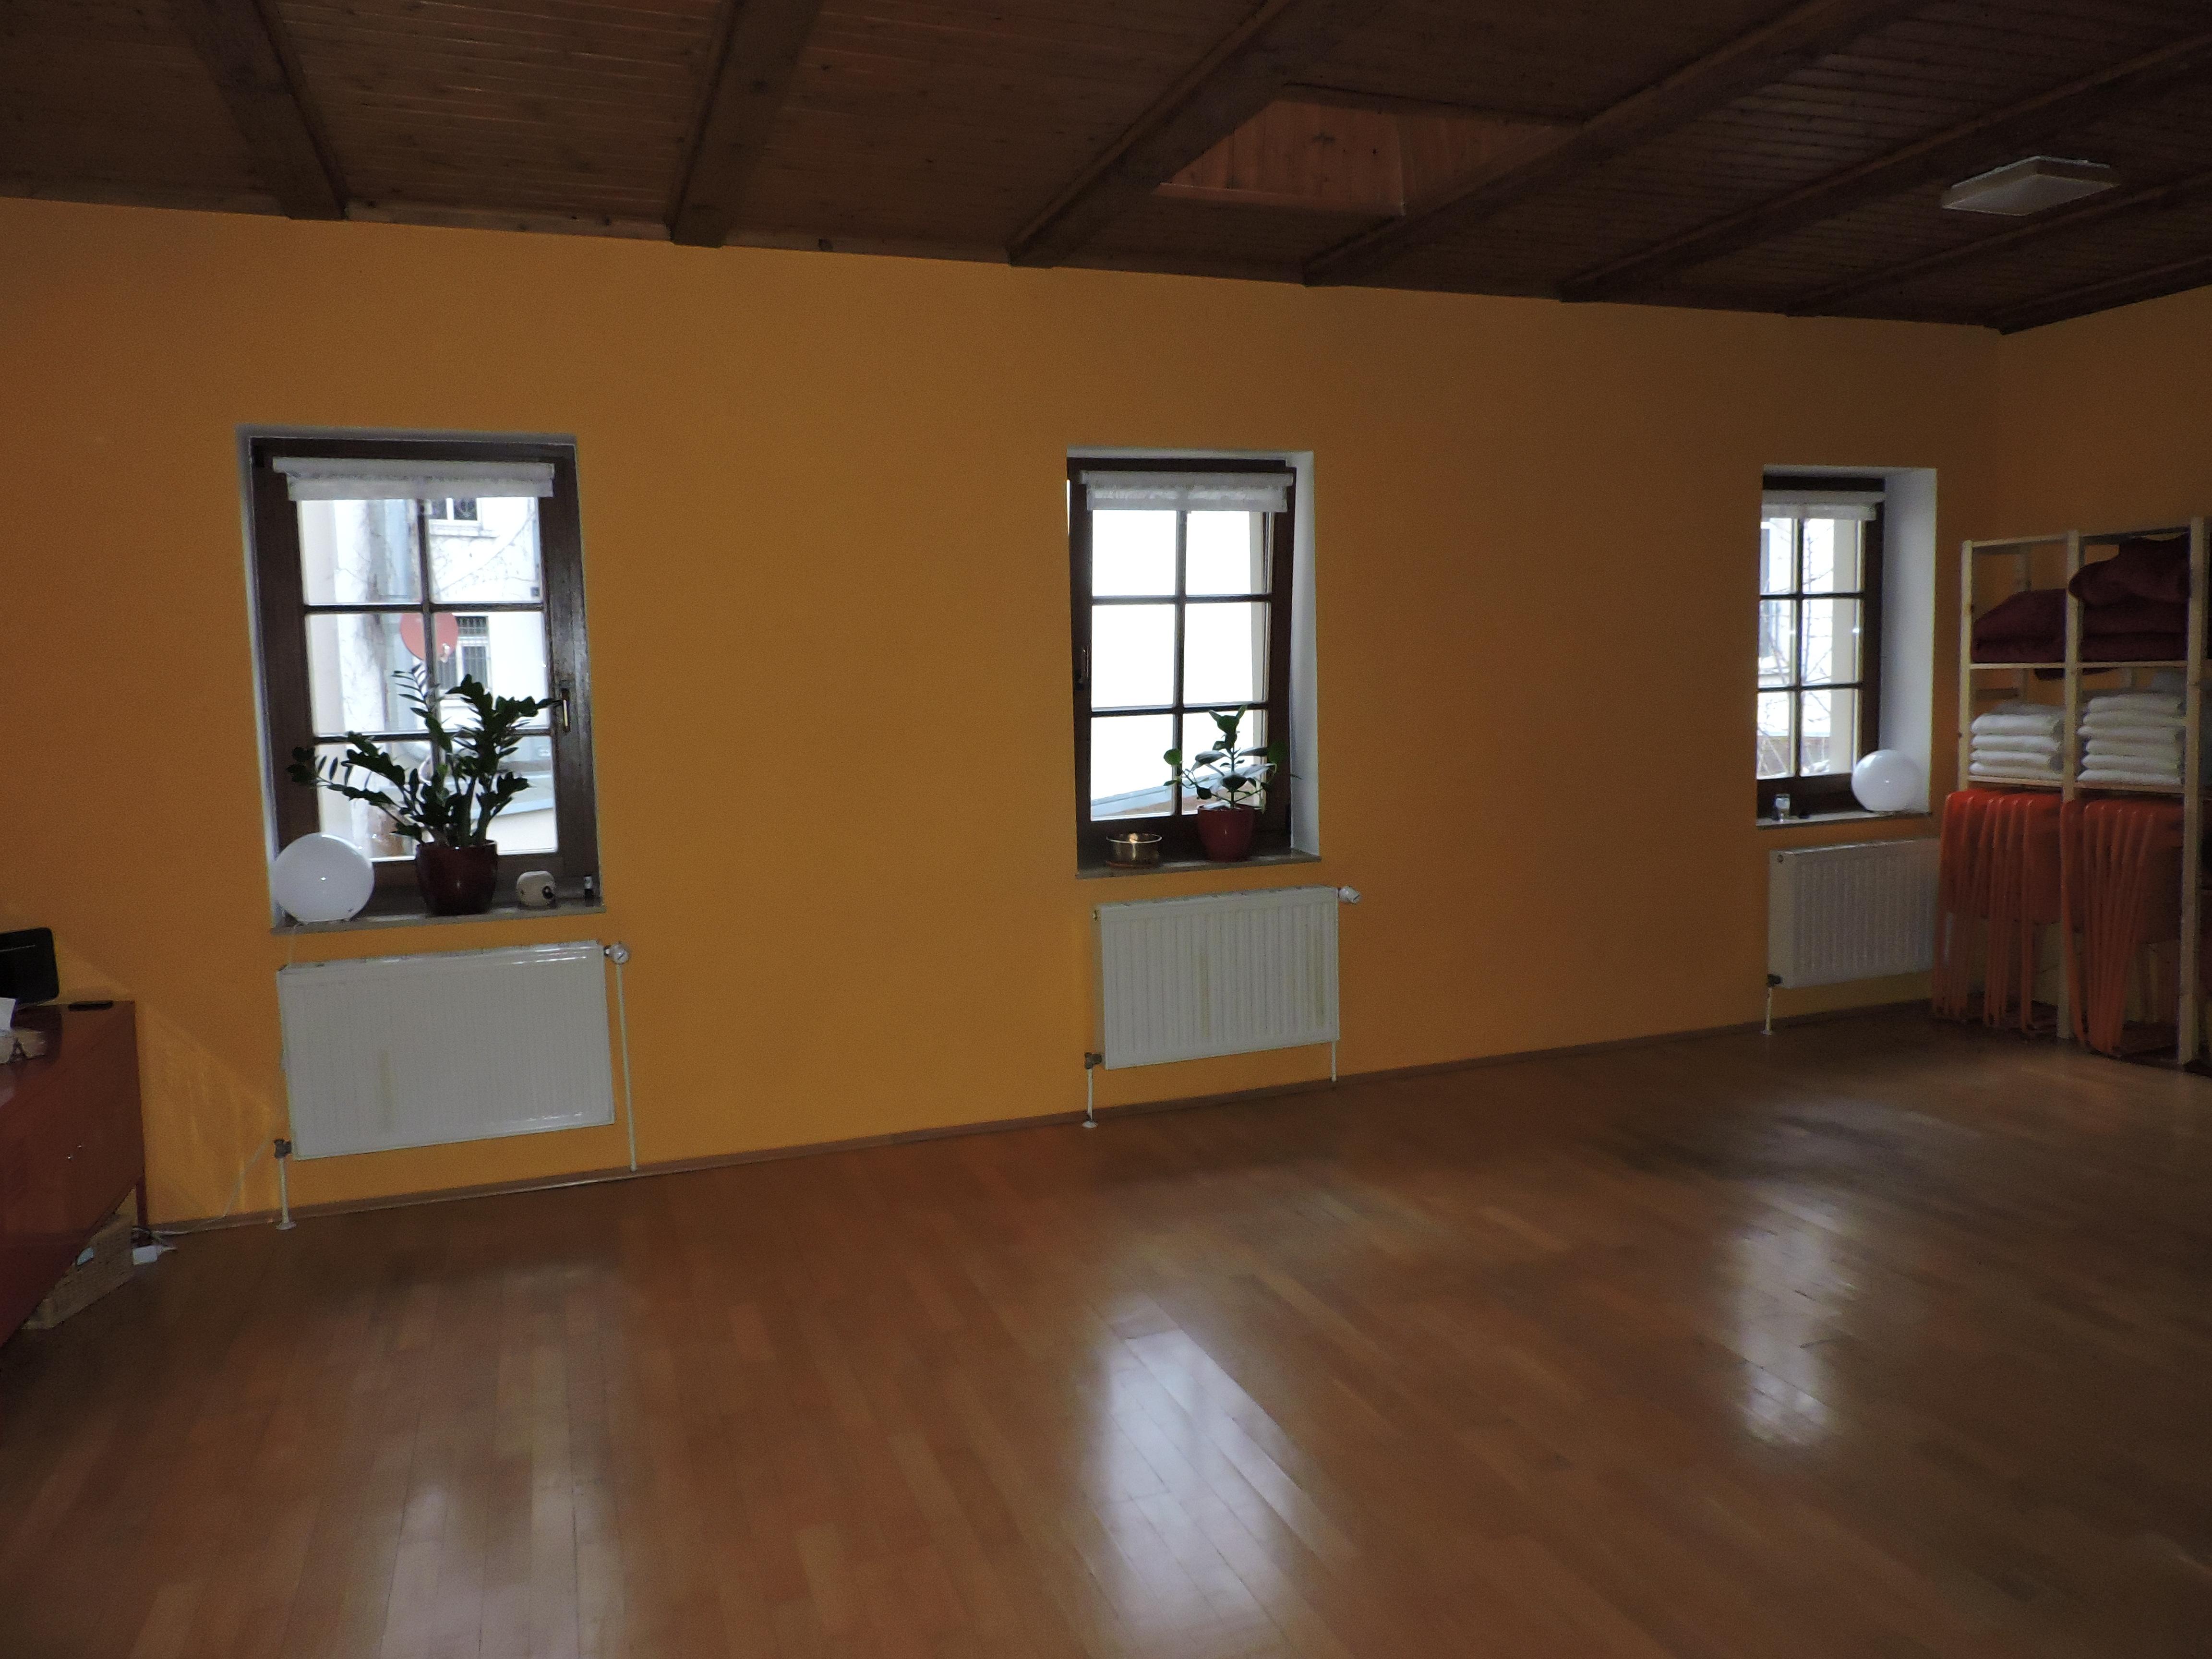 Raum für Yoga mieten - Leipzig Südvorstadt